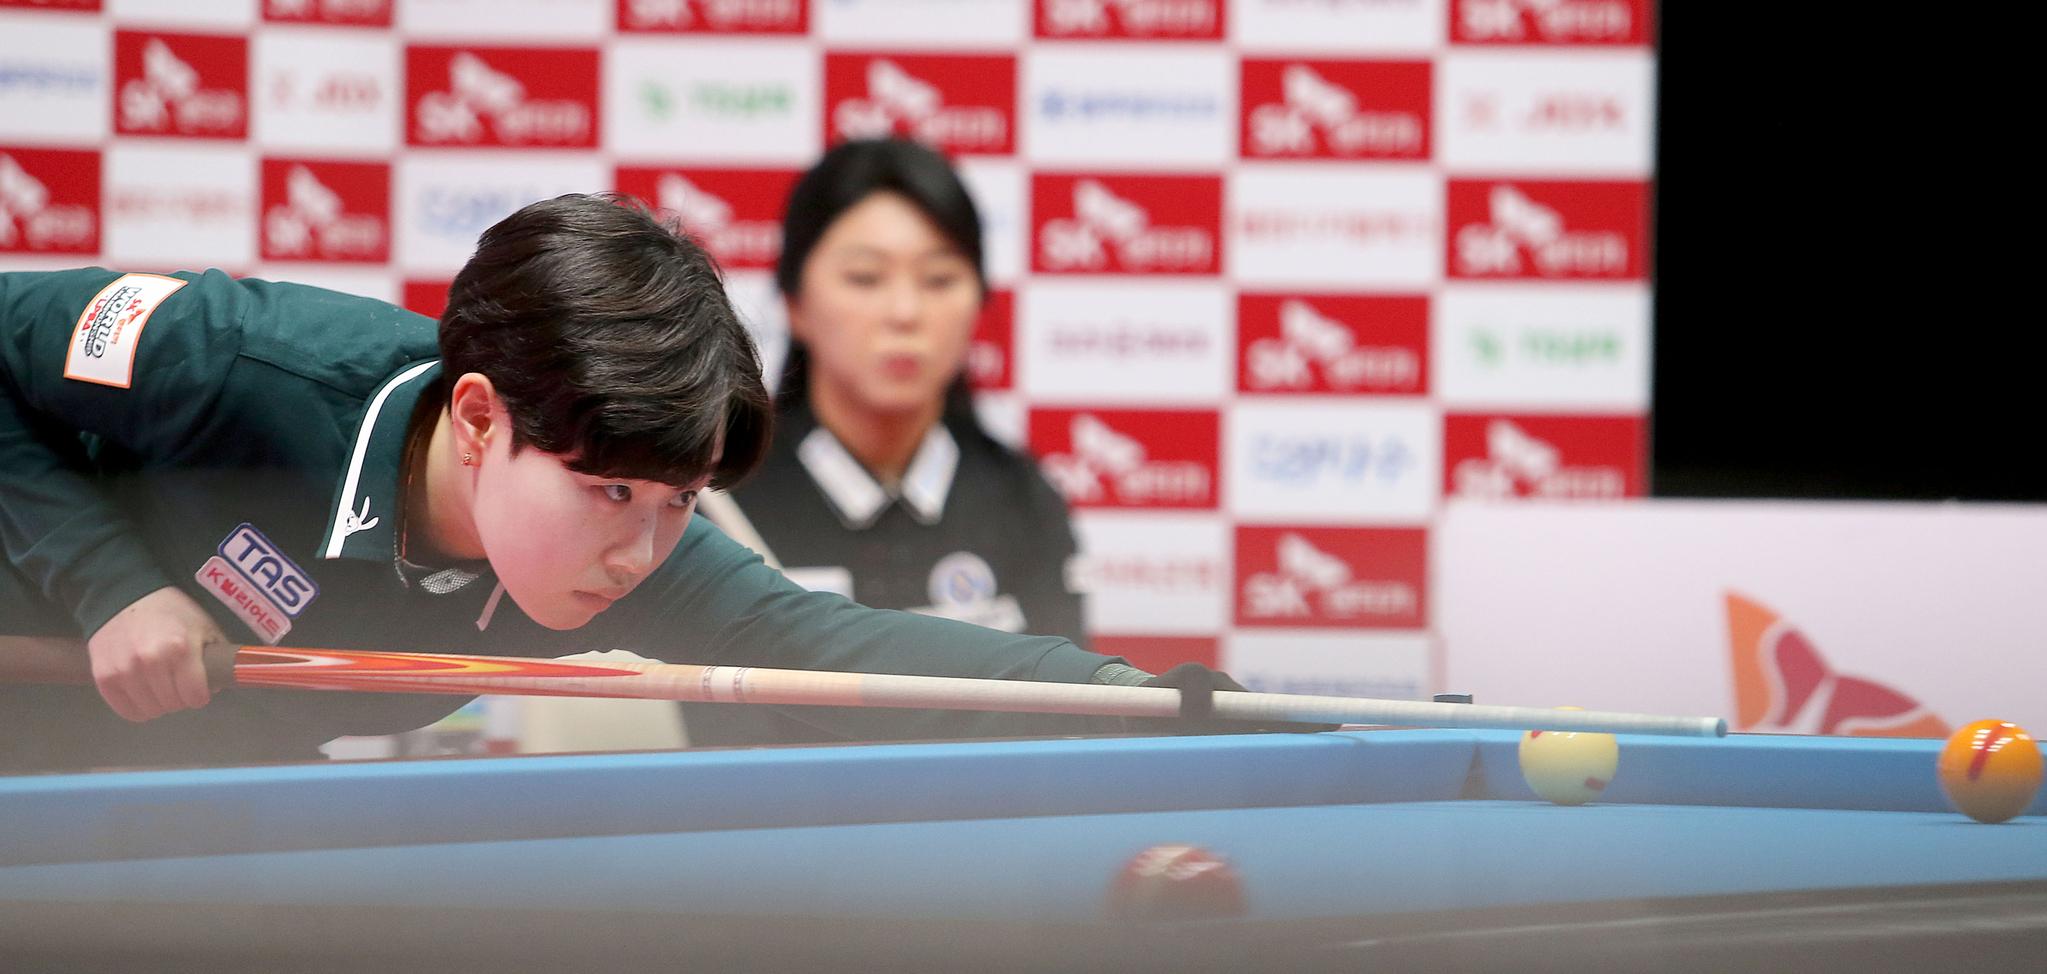 왕중왕전 격 LPBA에서 우승한 김세연. [사진 PBA]